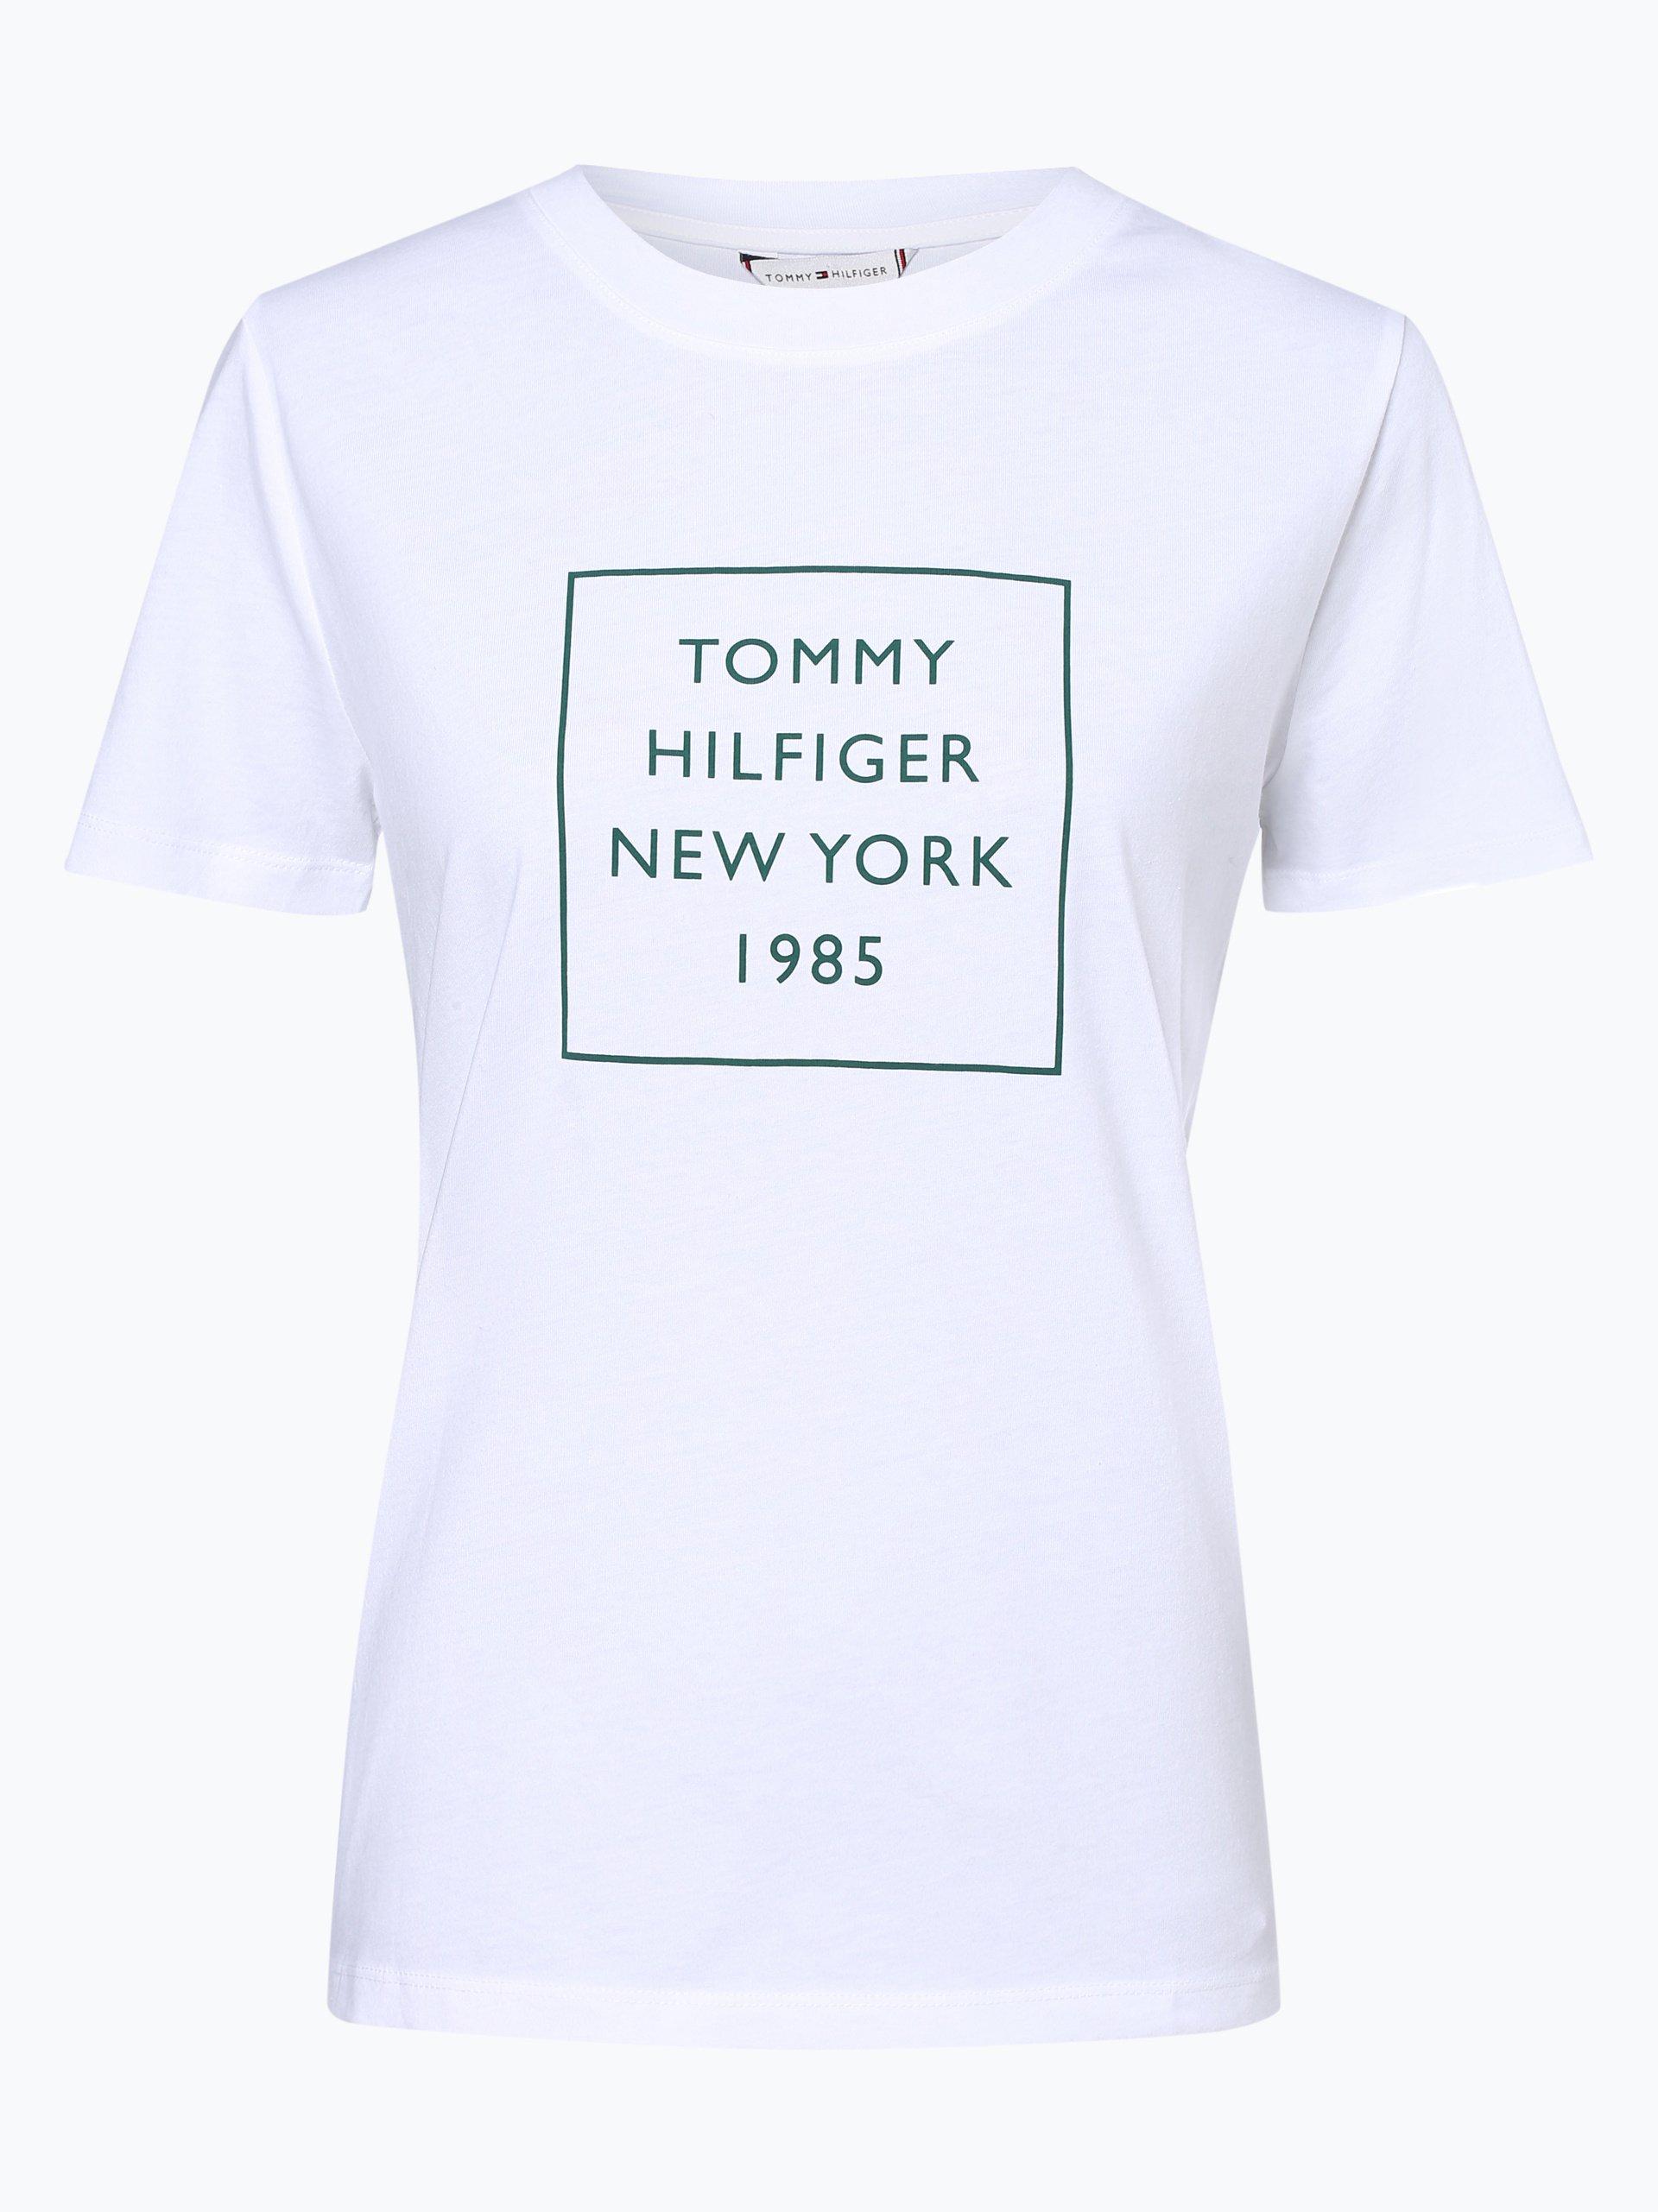 tommy hilfiger damen t shirt wei gr n bedruckt online. Black Bedroom Furniture Sets. Home Design Ideas